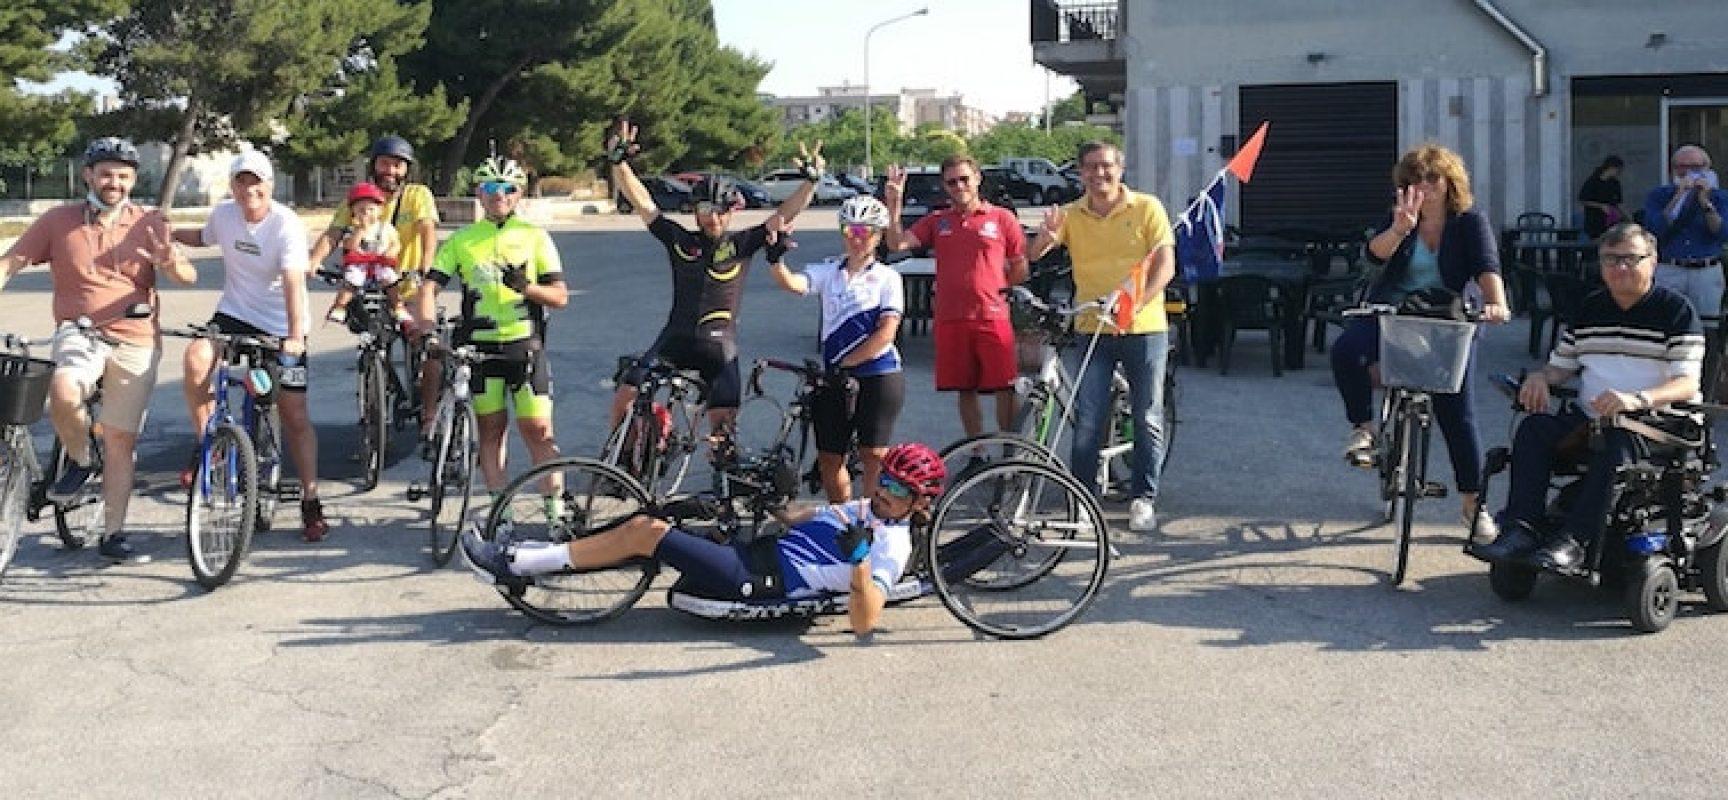 """Obiettivo TriColore arriva a Bisceglie, il sindaco: """"Grande emozione"""" / FOTO"""